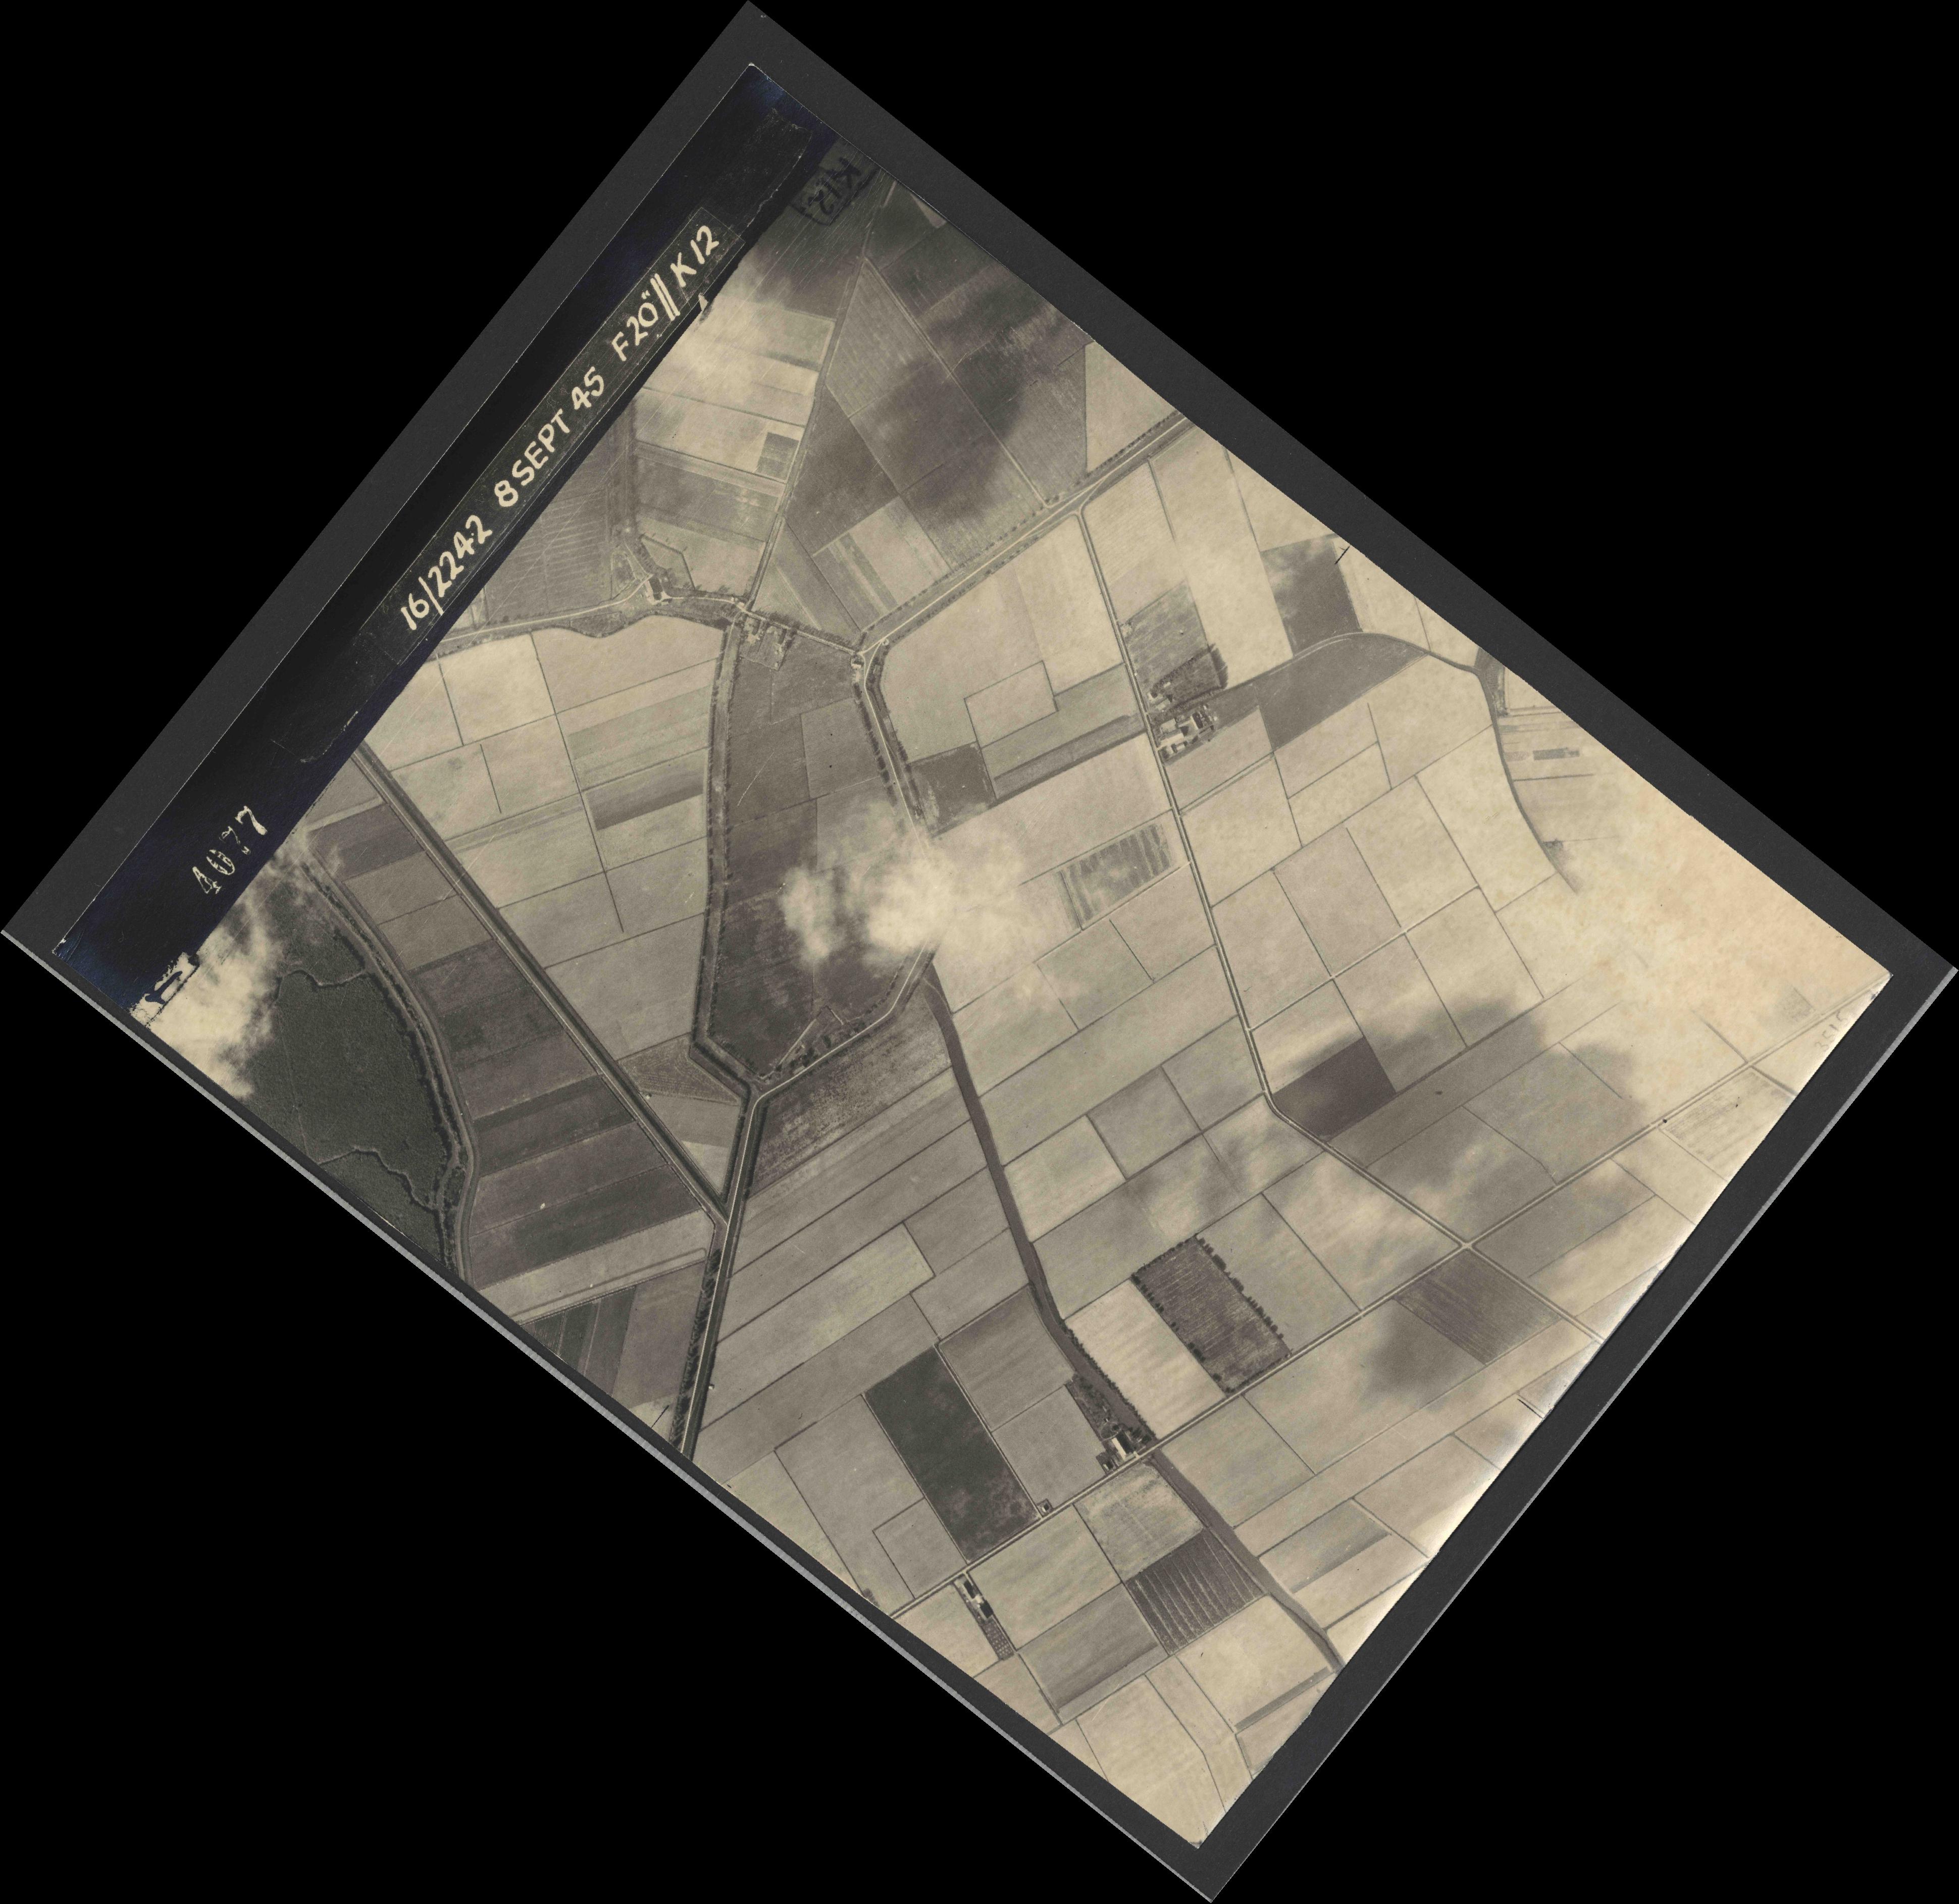 Collection RAF aerial photos 1940-1945 - flight 036, run 10, photo 4077